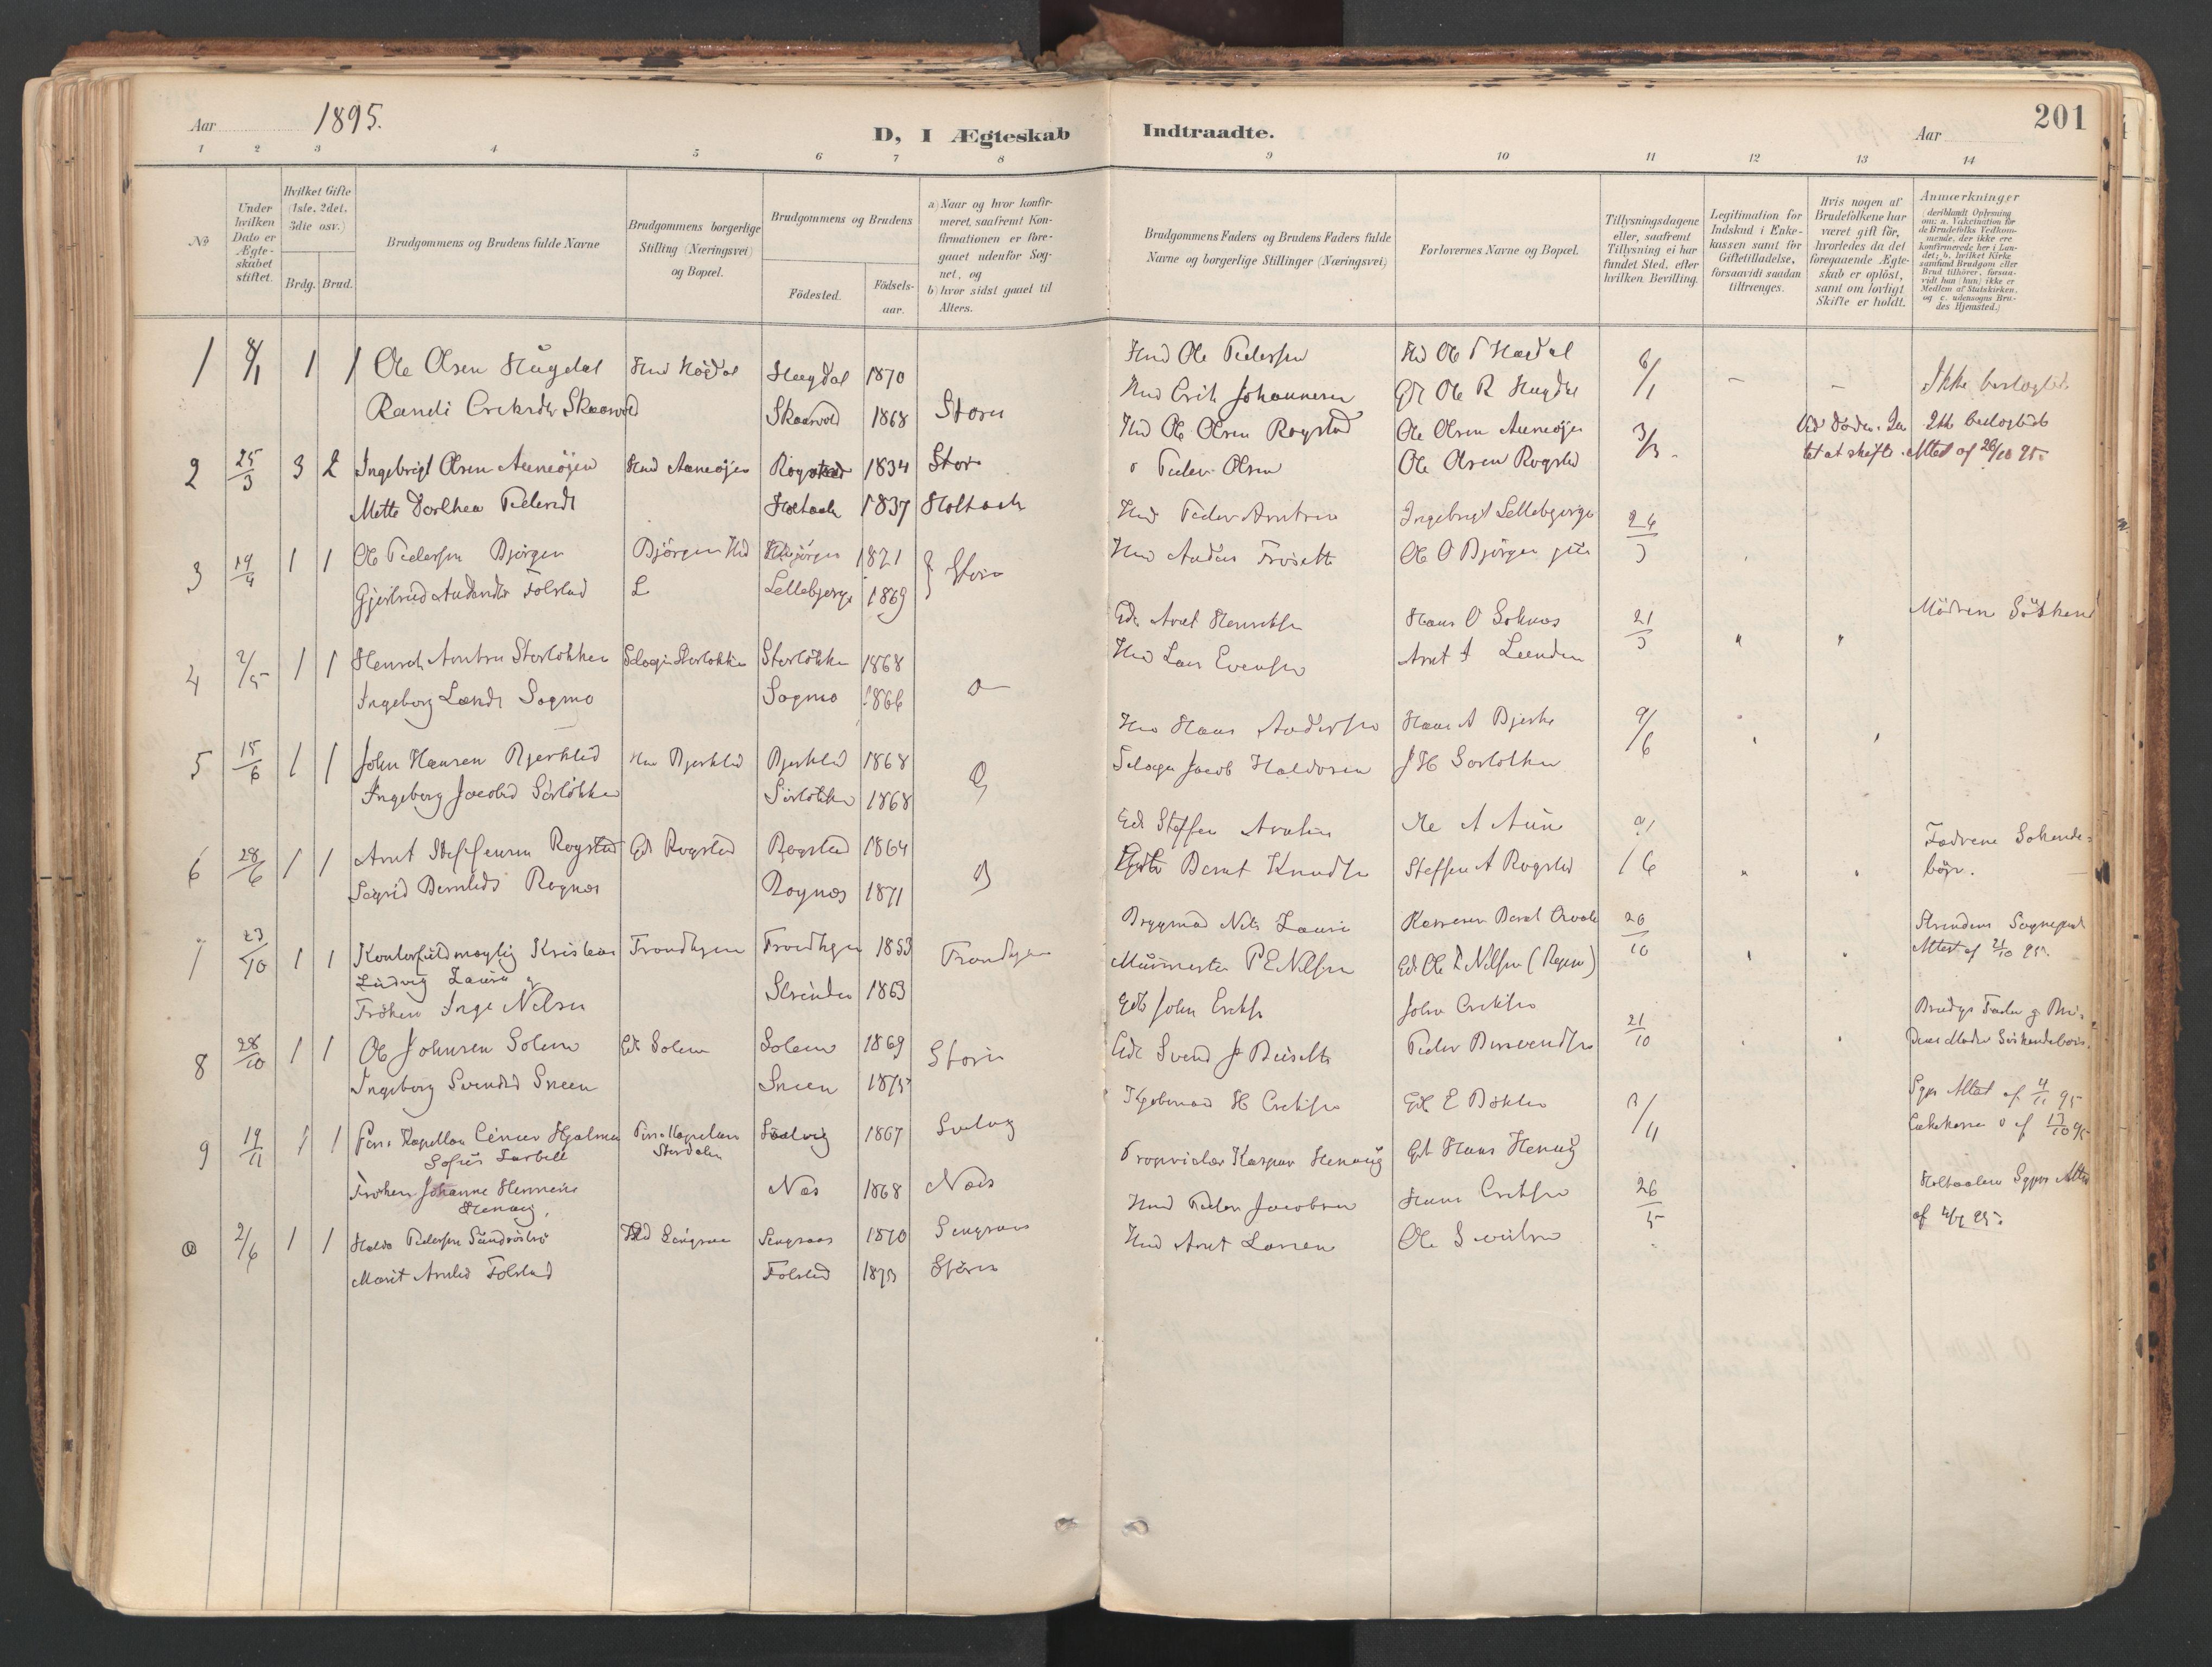 SAT, Ministerialprotokoller, klokkerbøker og fødselsregistre - Sør-Trøndelag, 687/L1004: Ministerialbok nr. 687A10, 1891-1923, s. 201